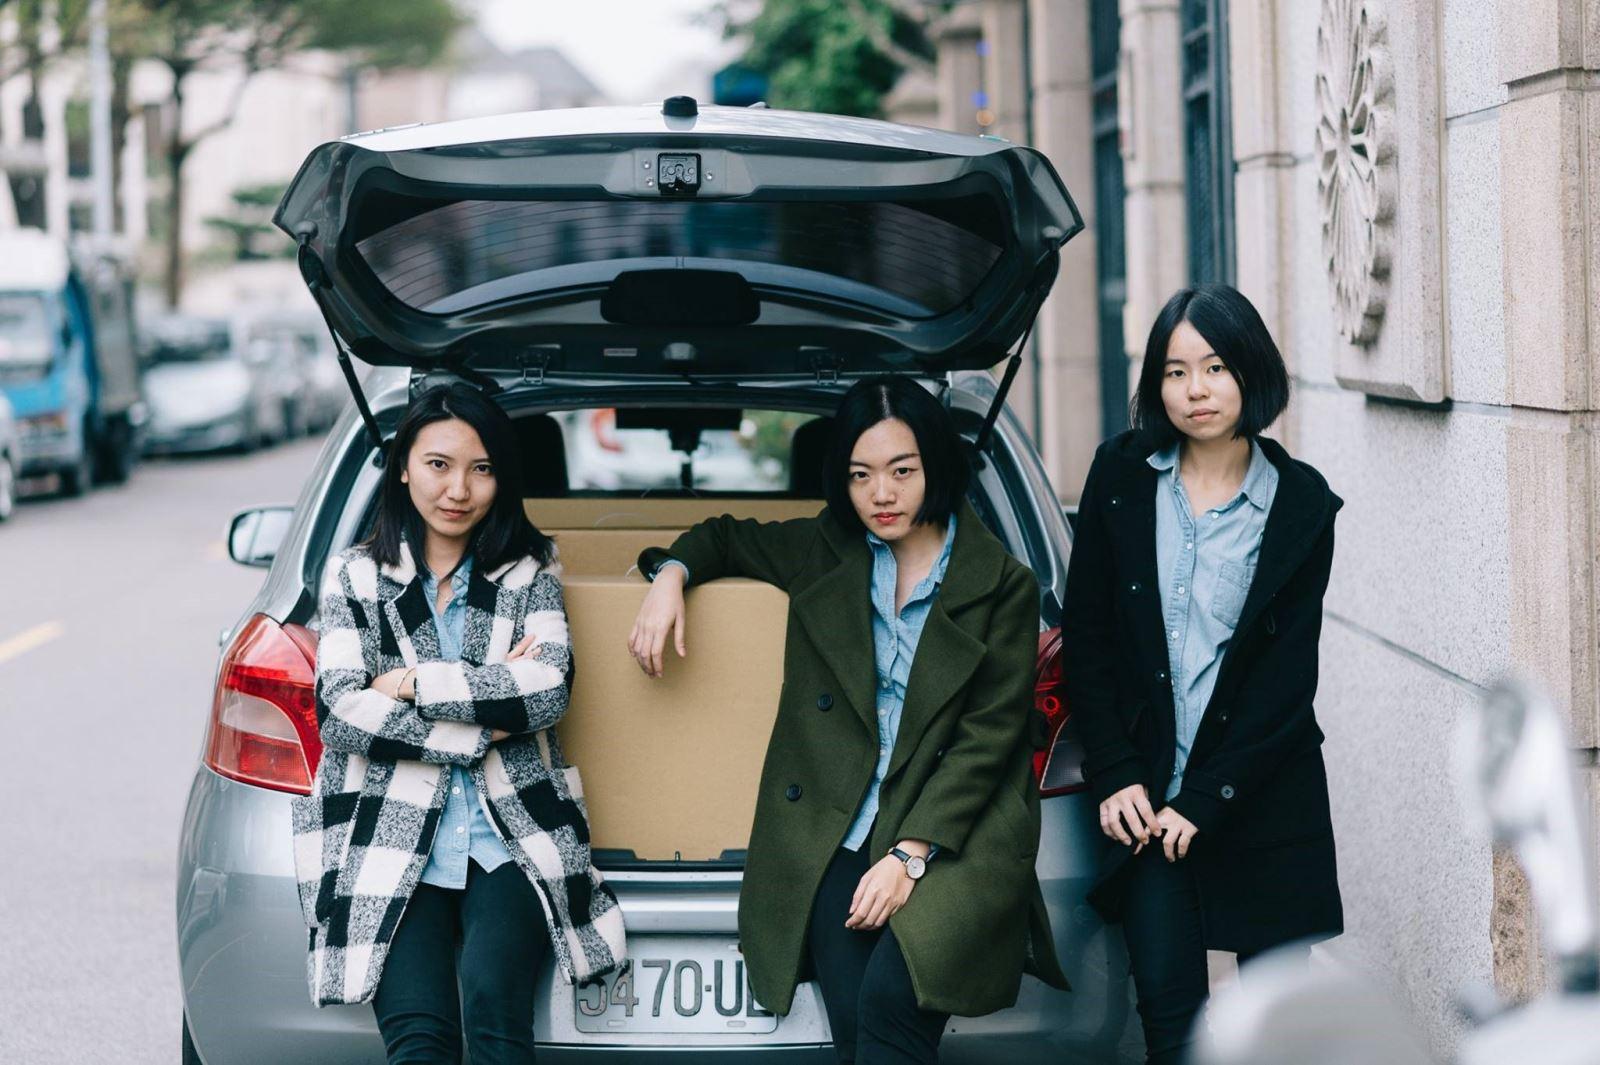 《走走家具》3 人各司其職,帶領品牌成長。由左至右分別為產品經理黃璟平 Vera、行銷企劃陳姿廷 Sandy、執行長宋倍儀 Bei。